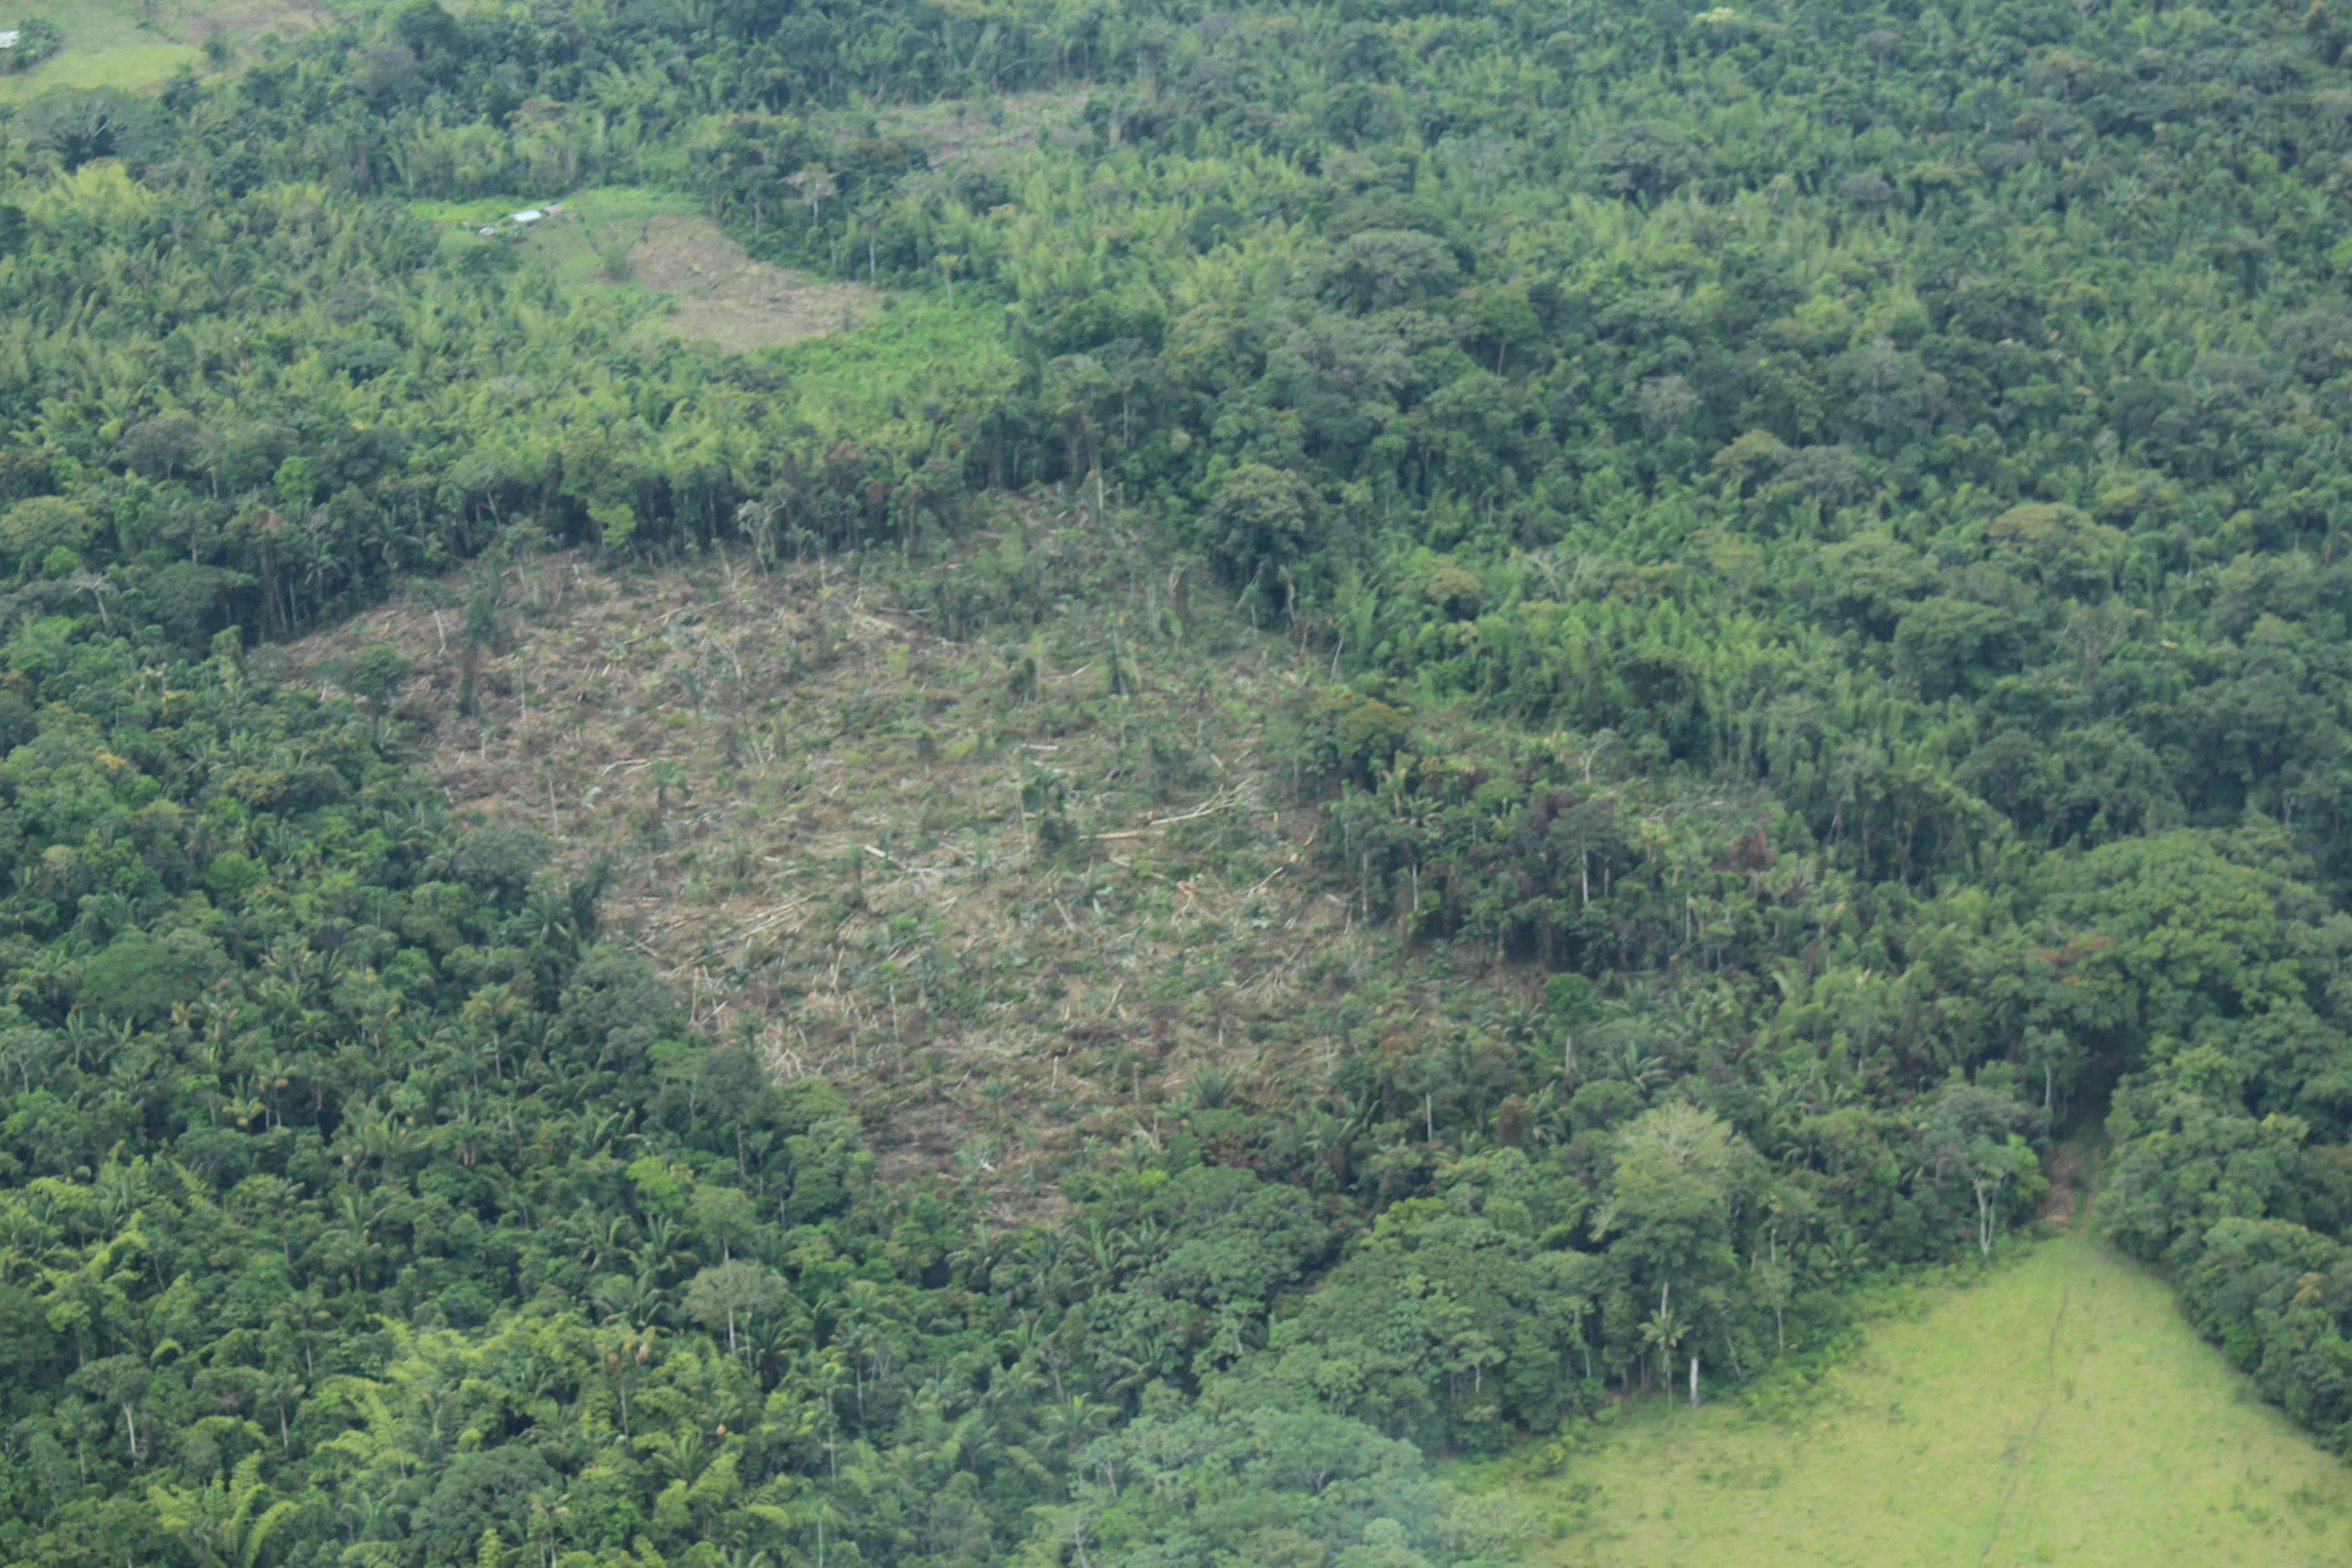 42977 1 - Con acción popular buscan frenar la deforestación en la Amazonia colombiana